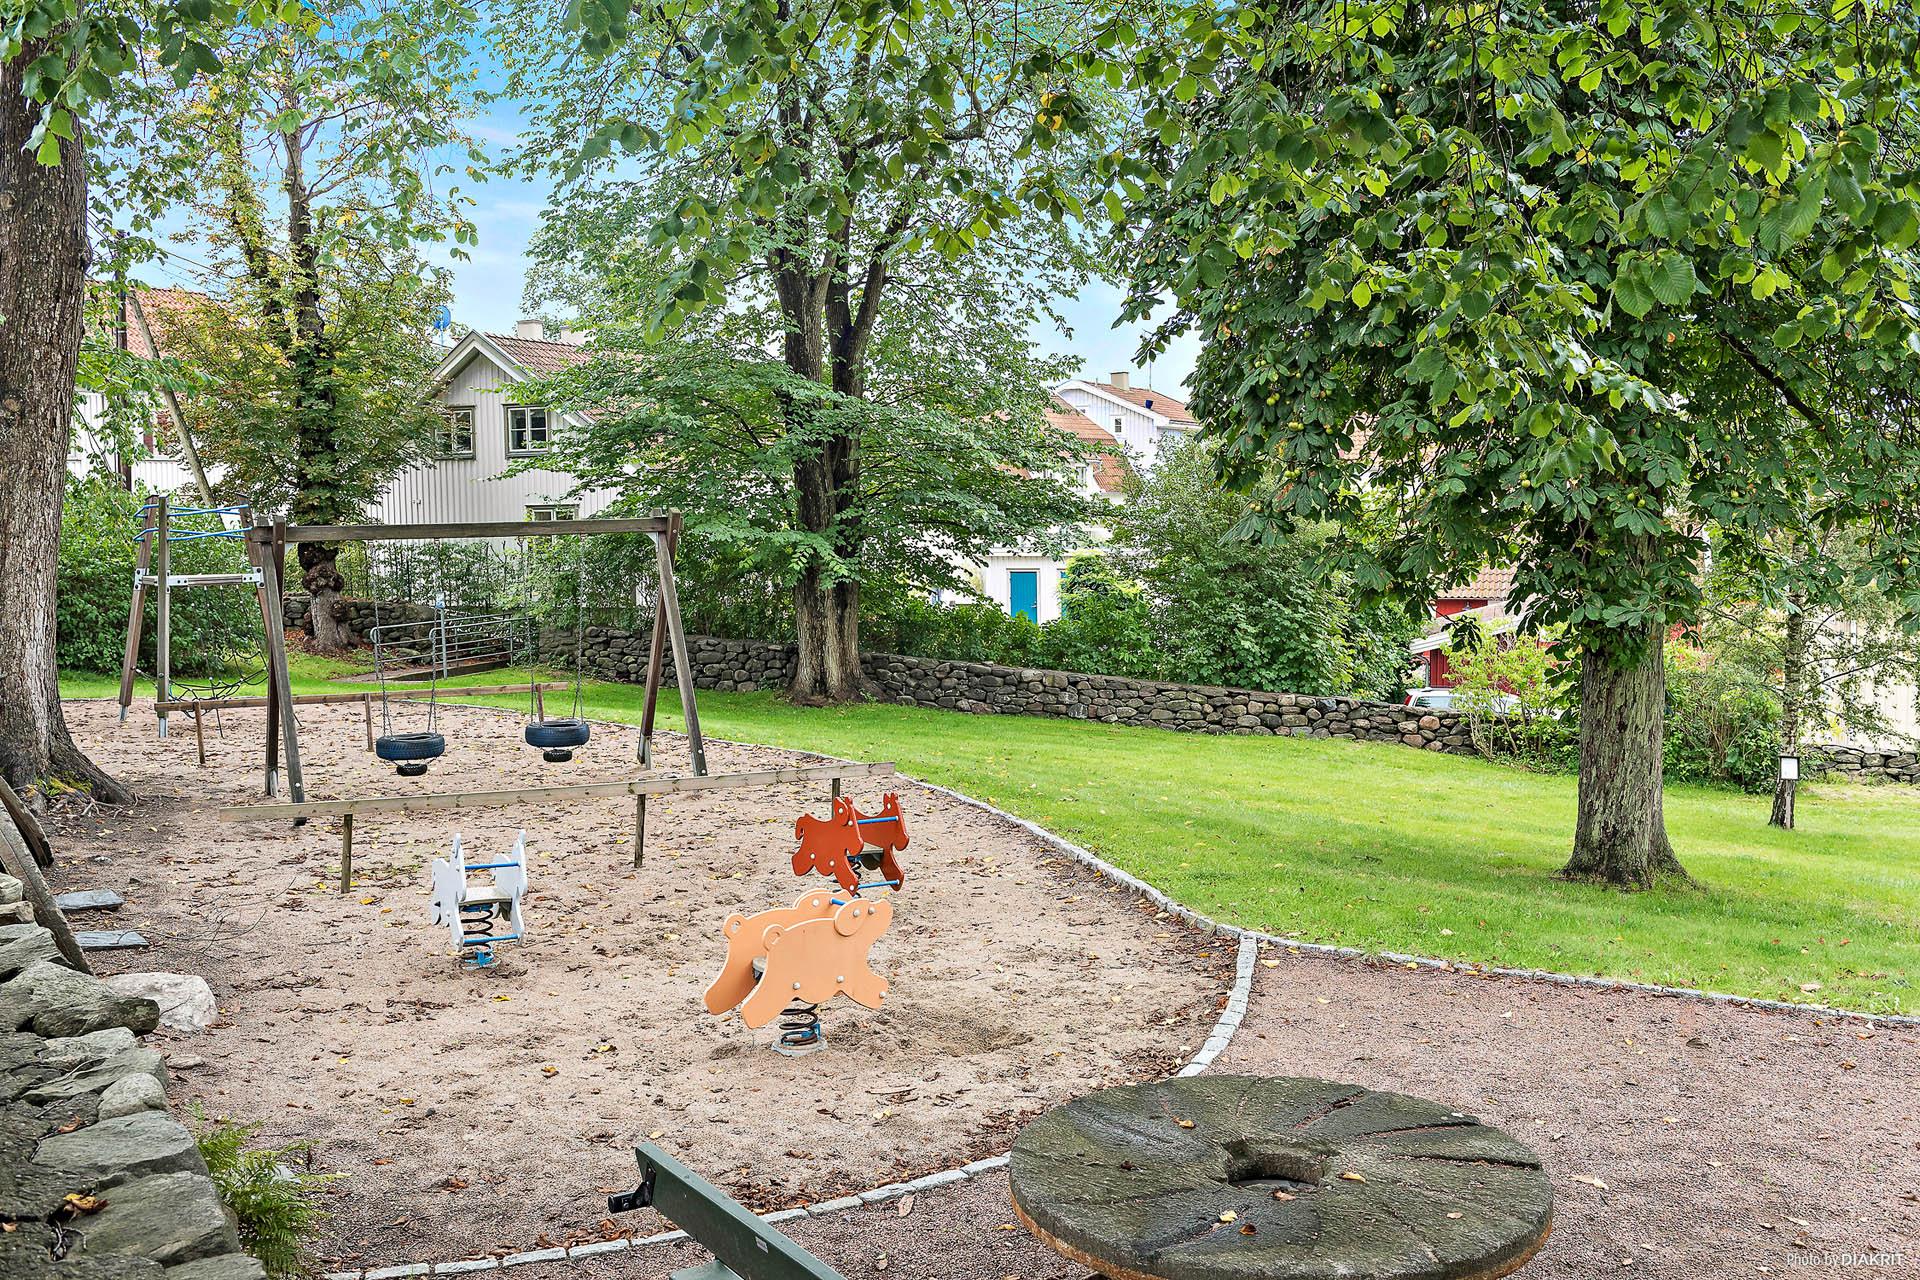 HEMBYGDSGÅRDENS PARK - Huset sett från den angränsande stora parken med lekplats